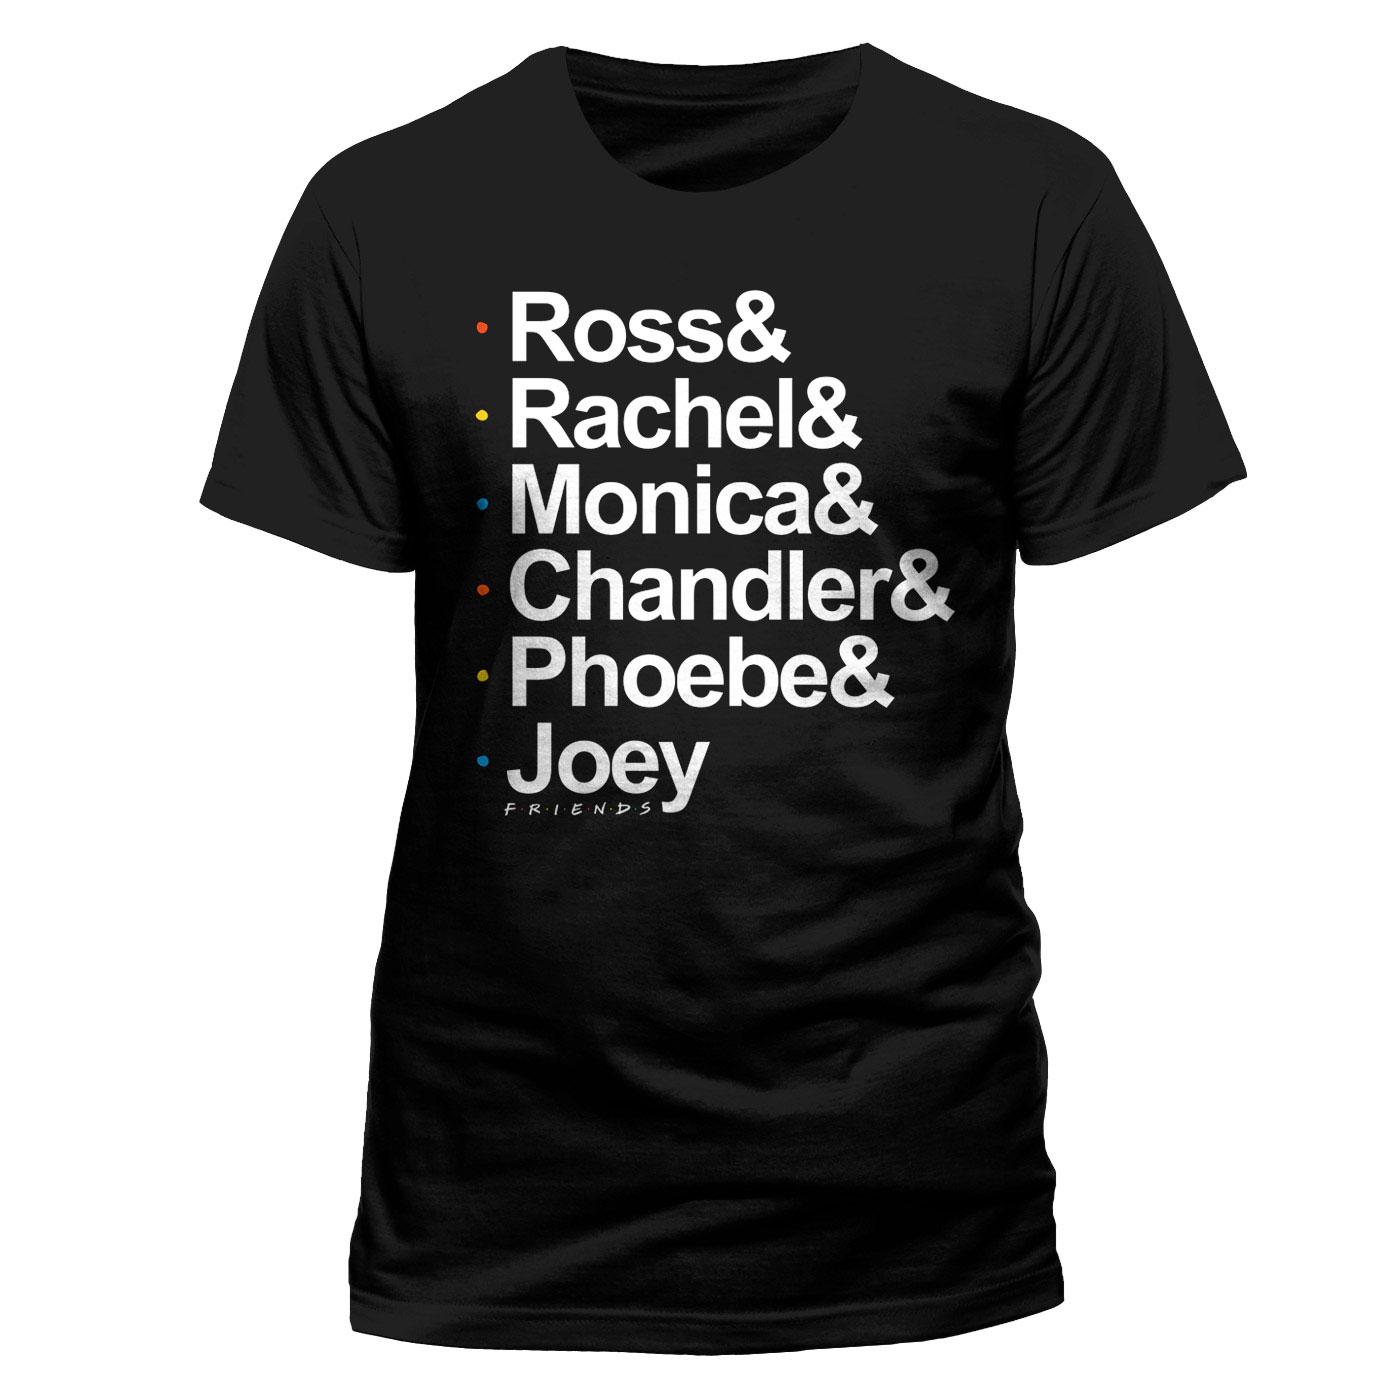 Friends T-Shirt Names Size M